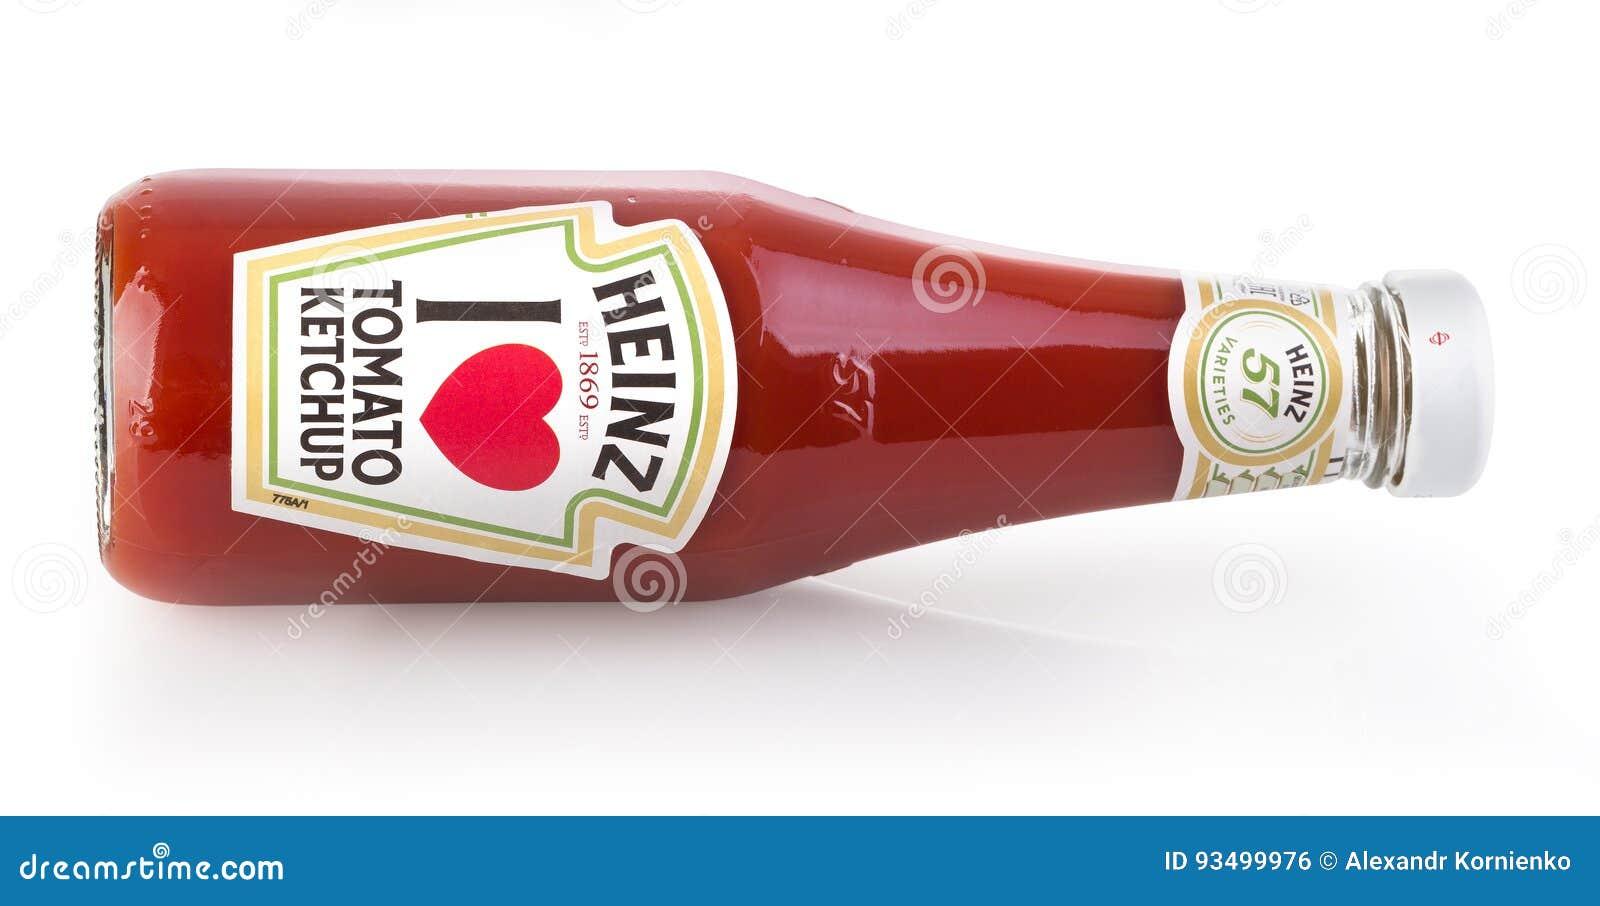 Изолированная бутылка кетчуп Хайнц